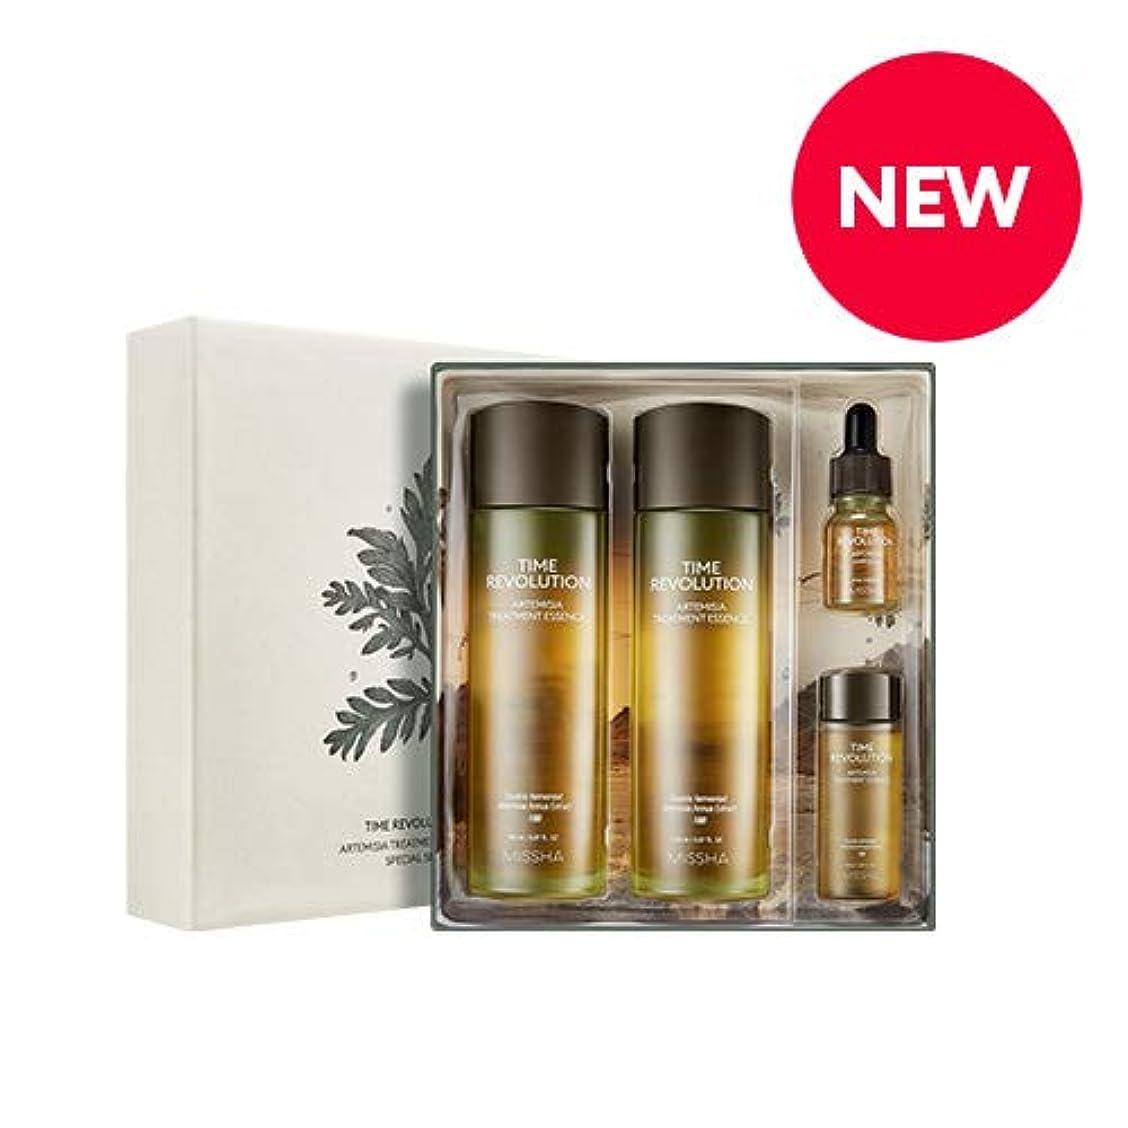 スカートアラブサラボ符号MISSHA タイムレボリューションアルテミシアトリートメントエッセンススペシャルセット/Time Revolution Artemisia Treatment Essence Special Set [並行輸入品]